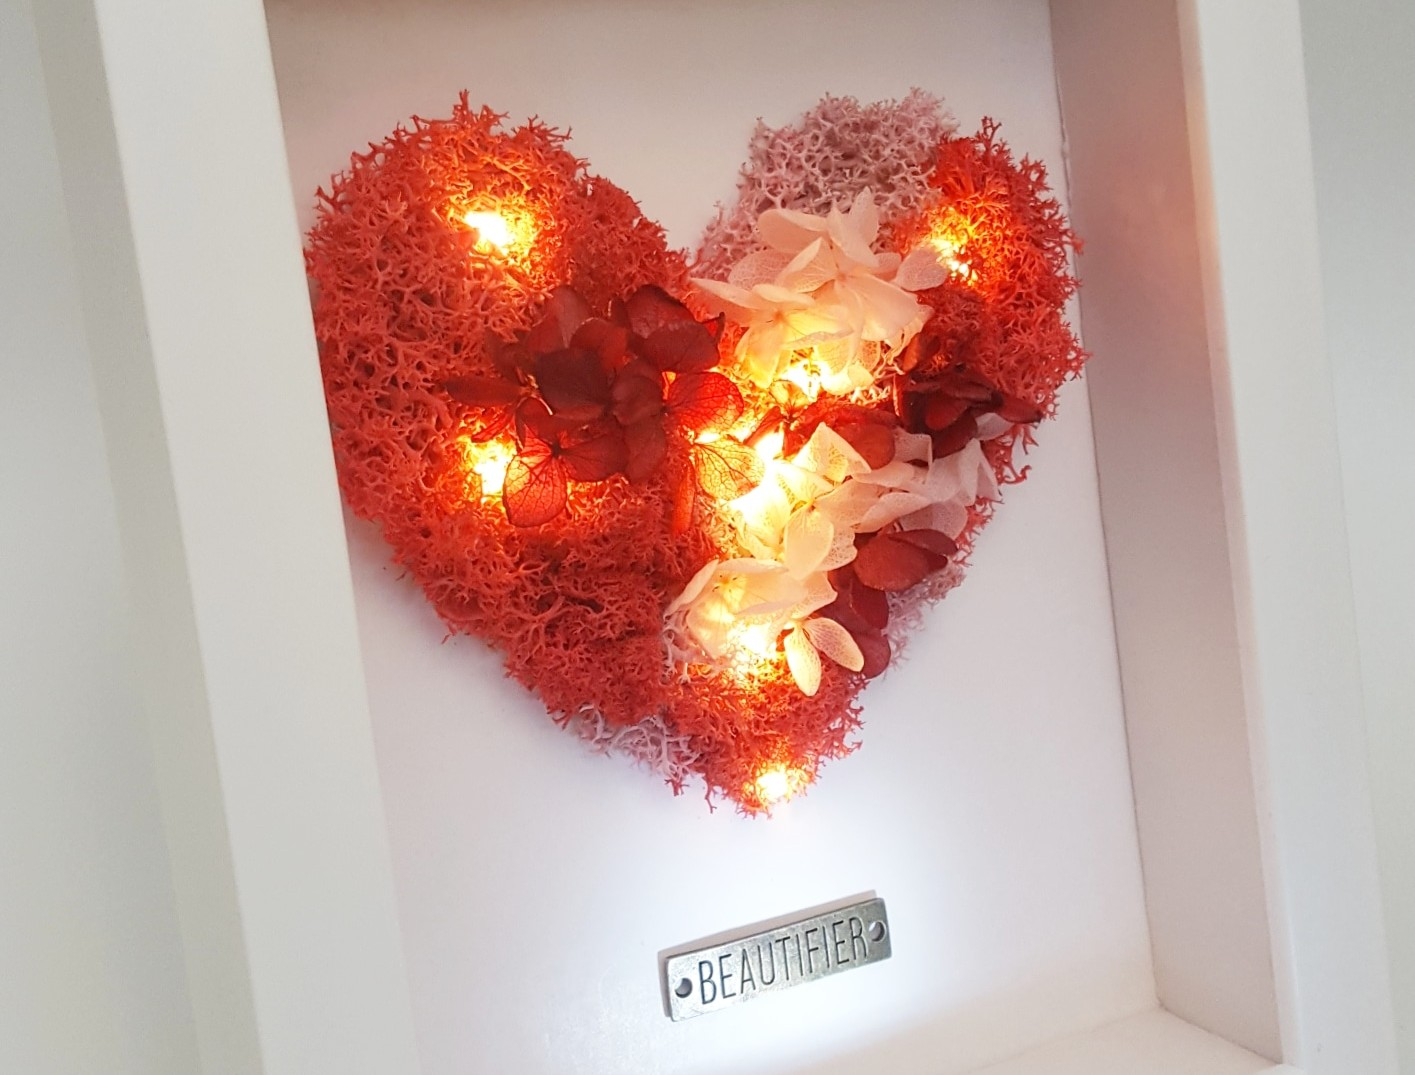 「花」點心思,將愛意與美麗封存 - WELLNESS - K11